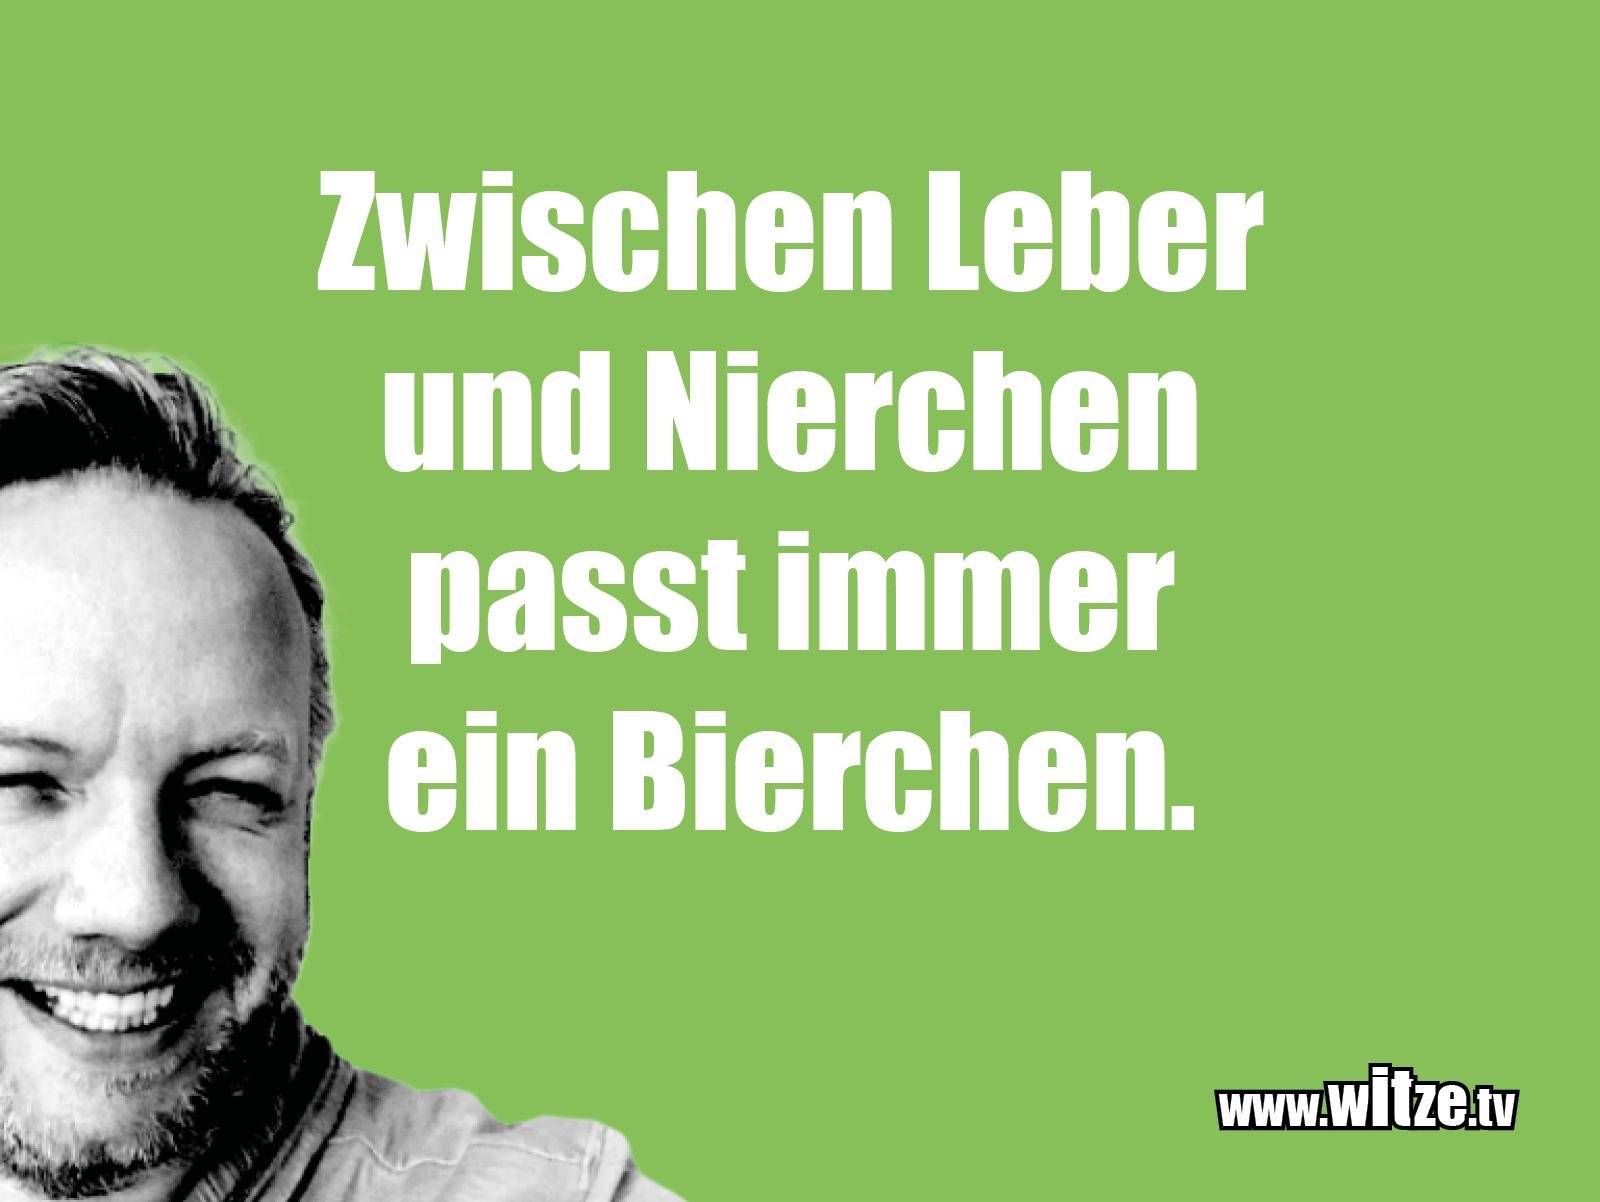 Leidenschaftlicher Humor... Zwischen Leber und Nierchen...